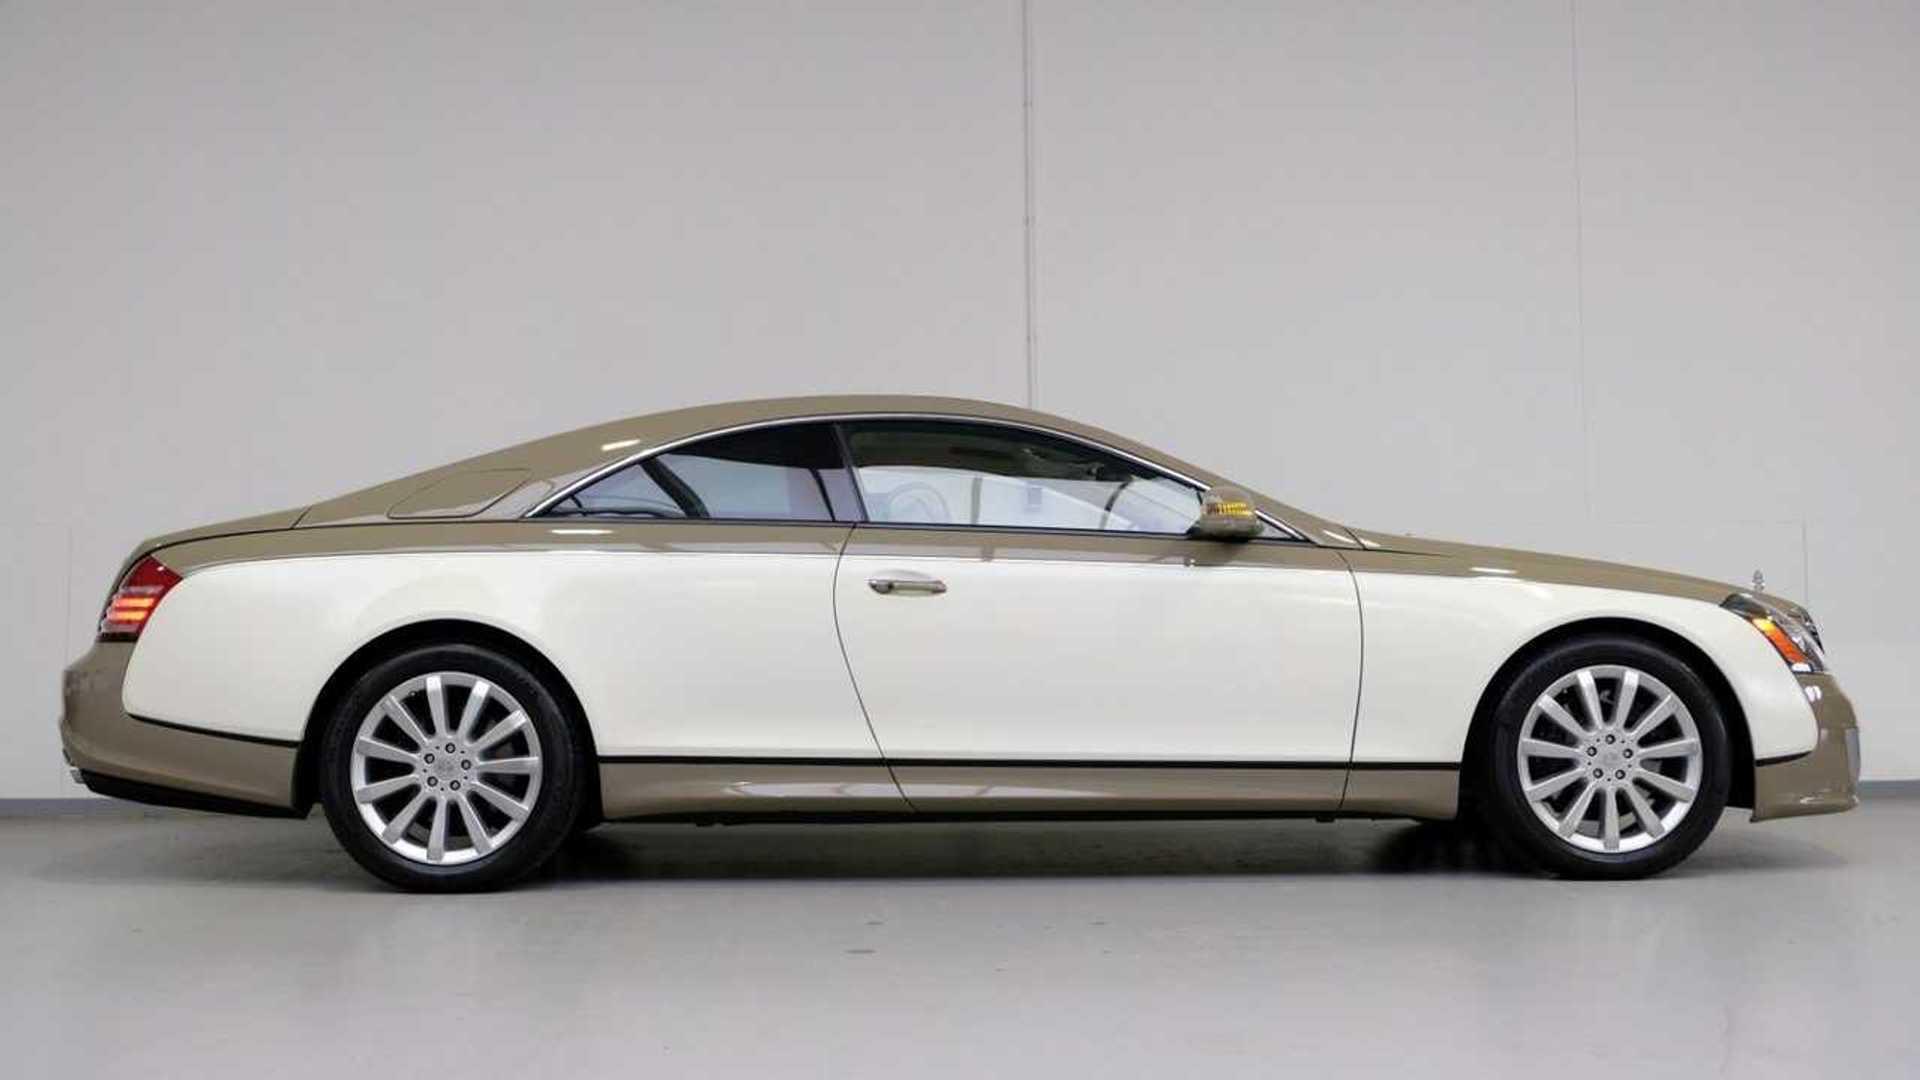 Ультра-редкое купе Maybach 57S — роскошный бежевый V12 за 1,16 миллиона долларов